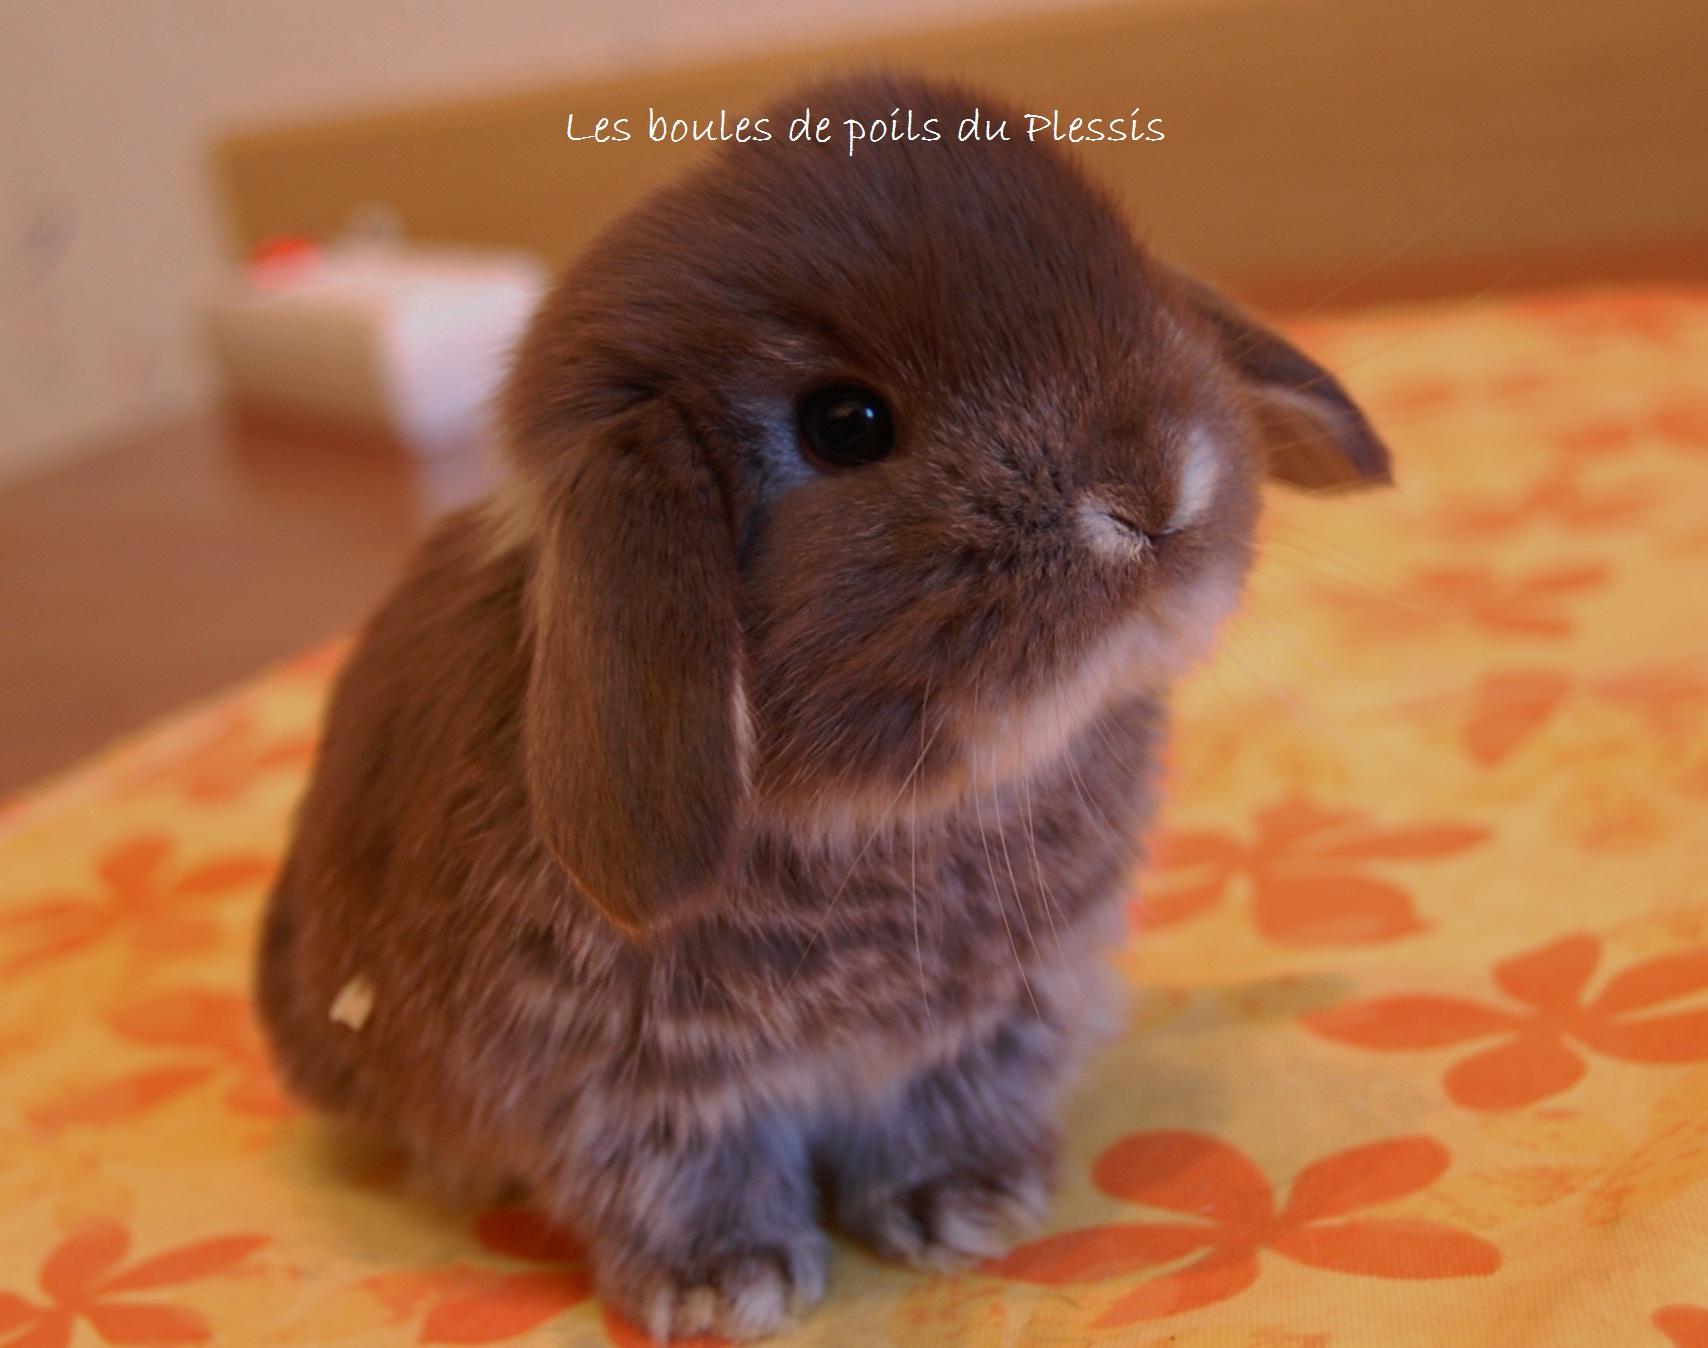 Lapin b lier nain les boules de poils du plessis 4 - Photo de lapin mignon ...